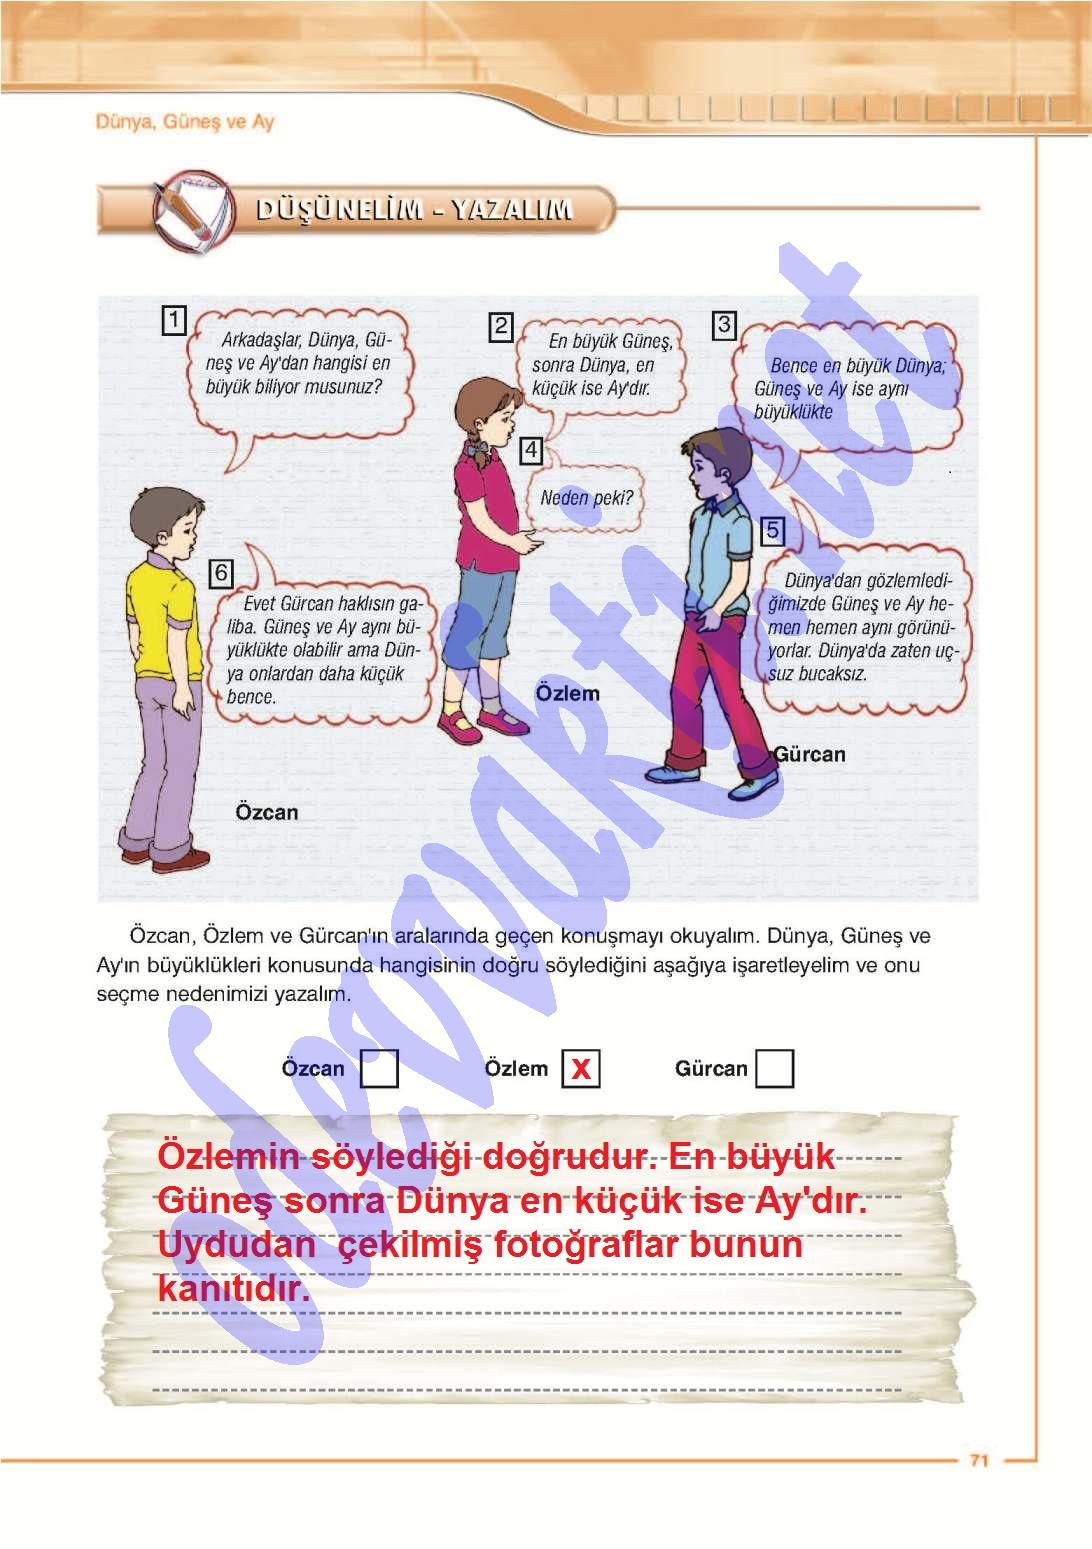 Sınıf fen ve teknoloji calışma kitabı cevapları 5 sınıf fen ve